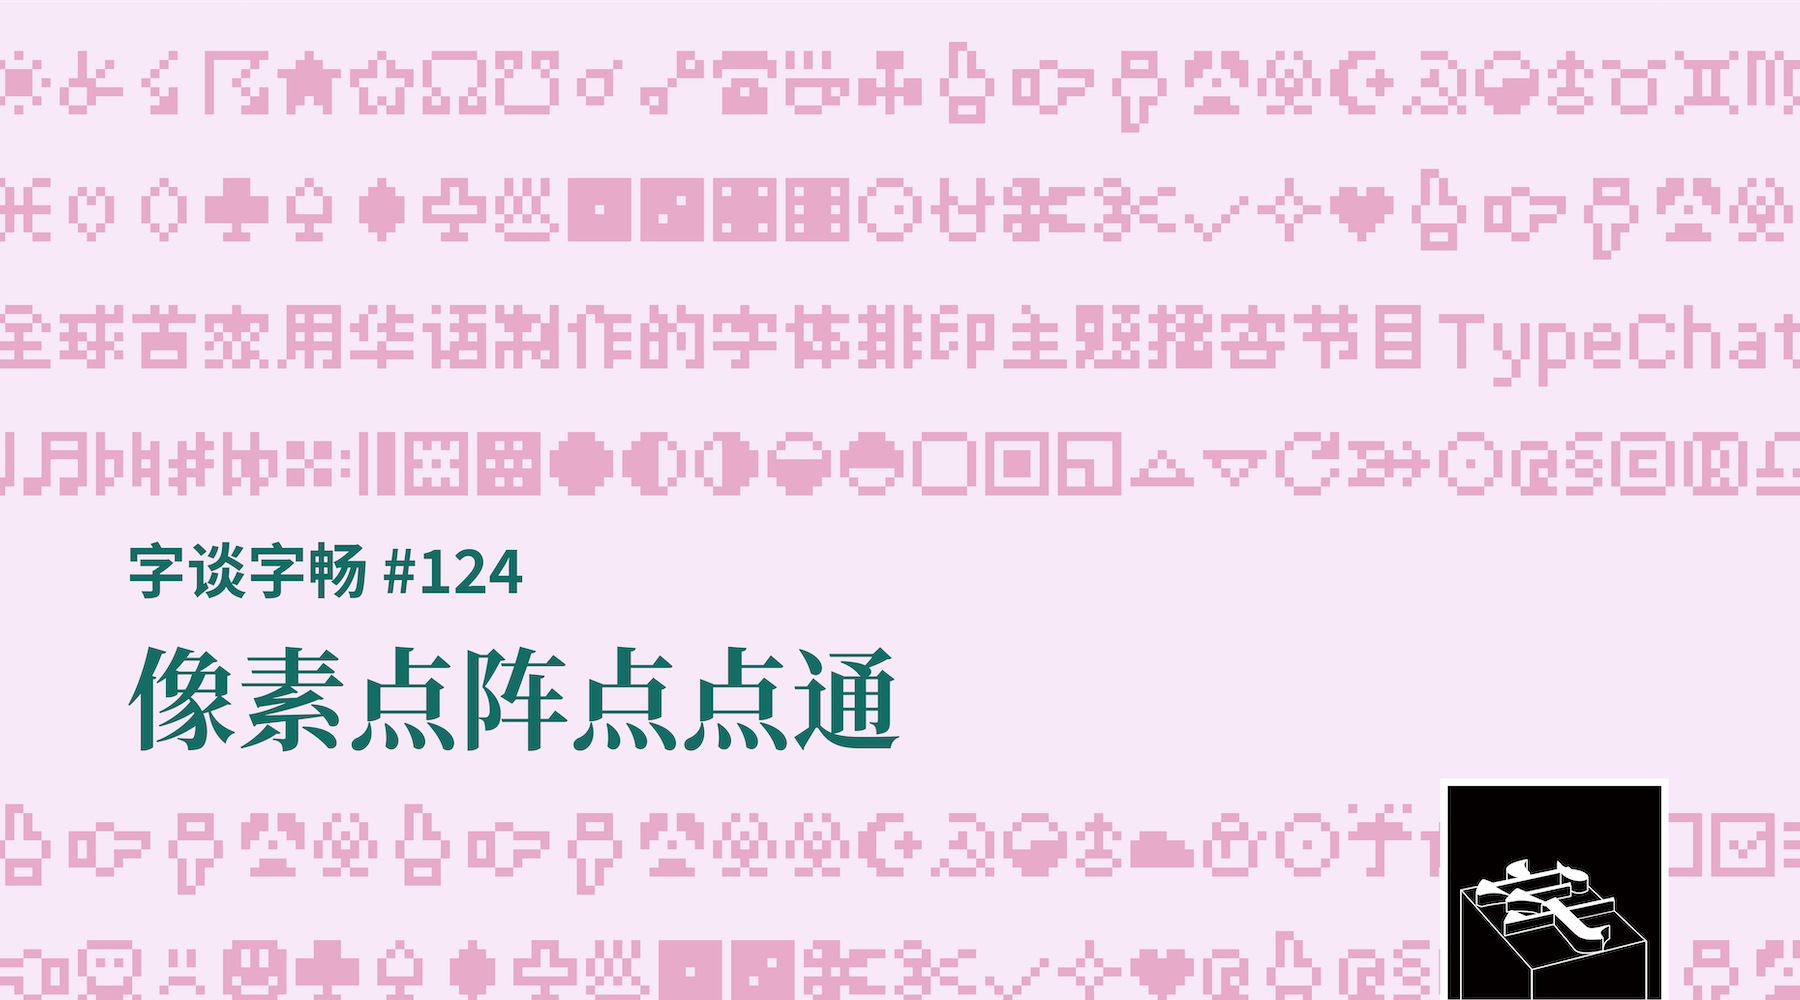 TypeChat #124